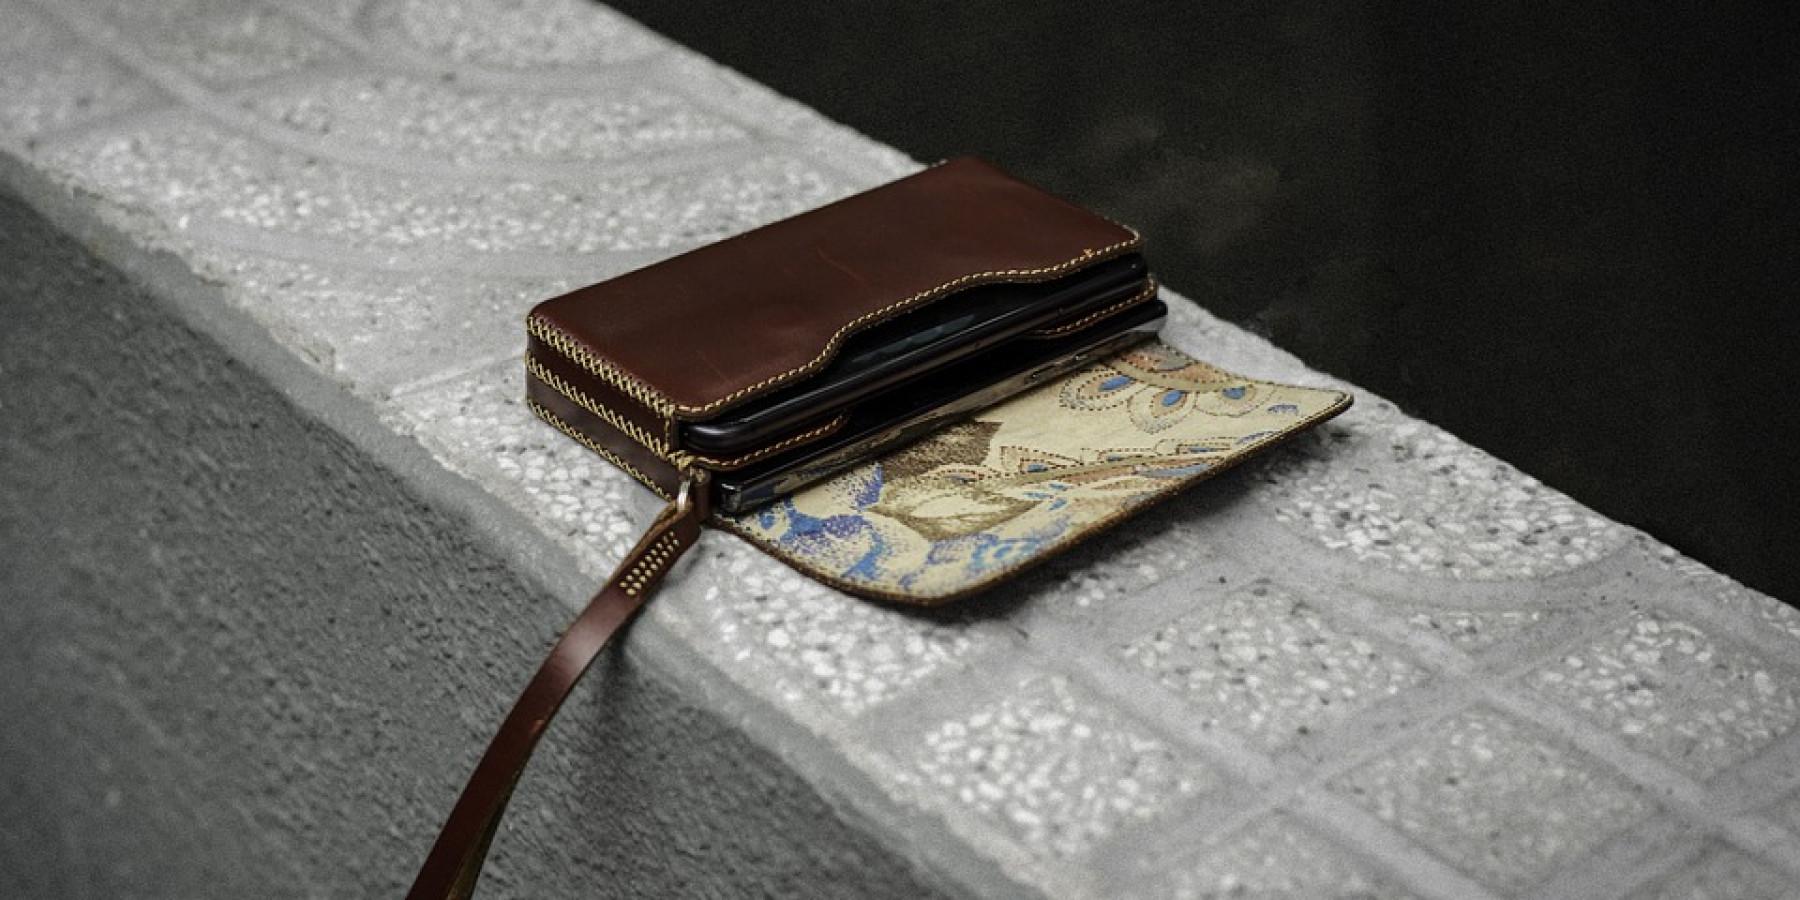 Diebe stehlen Geldbörse aus Tasche an Kinderwagen